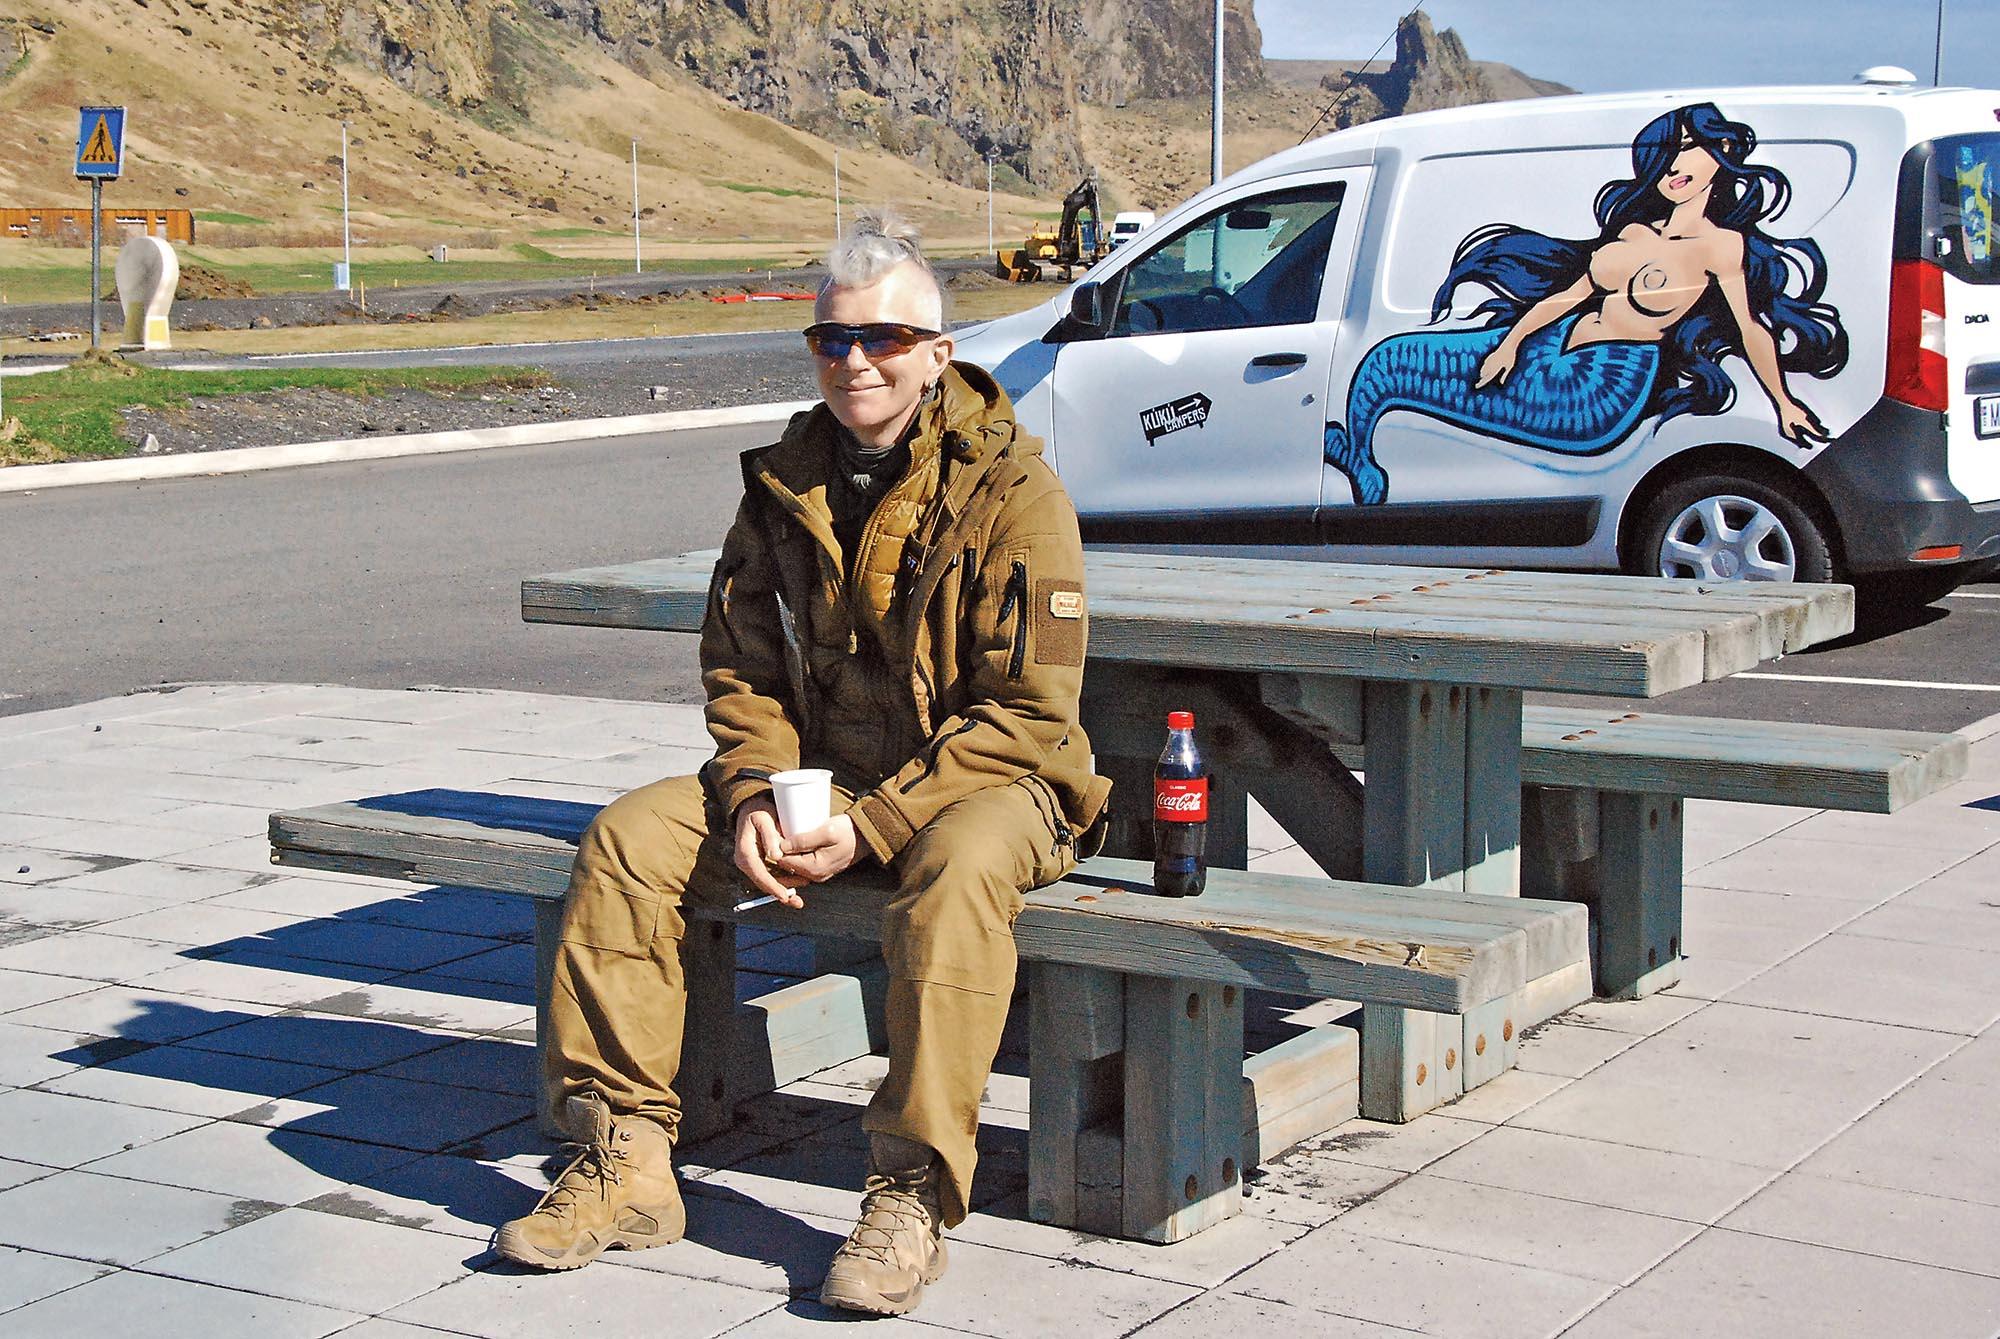 Юля Паєвська (Тайра) в Ісландії. Фото Оксани Лігостової